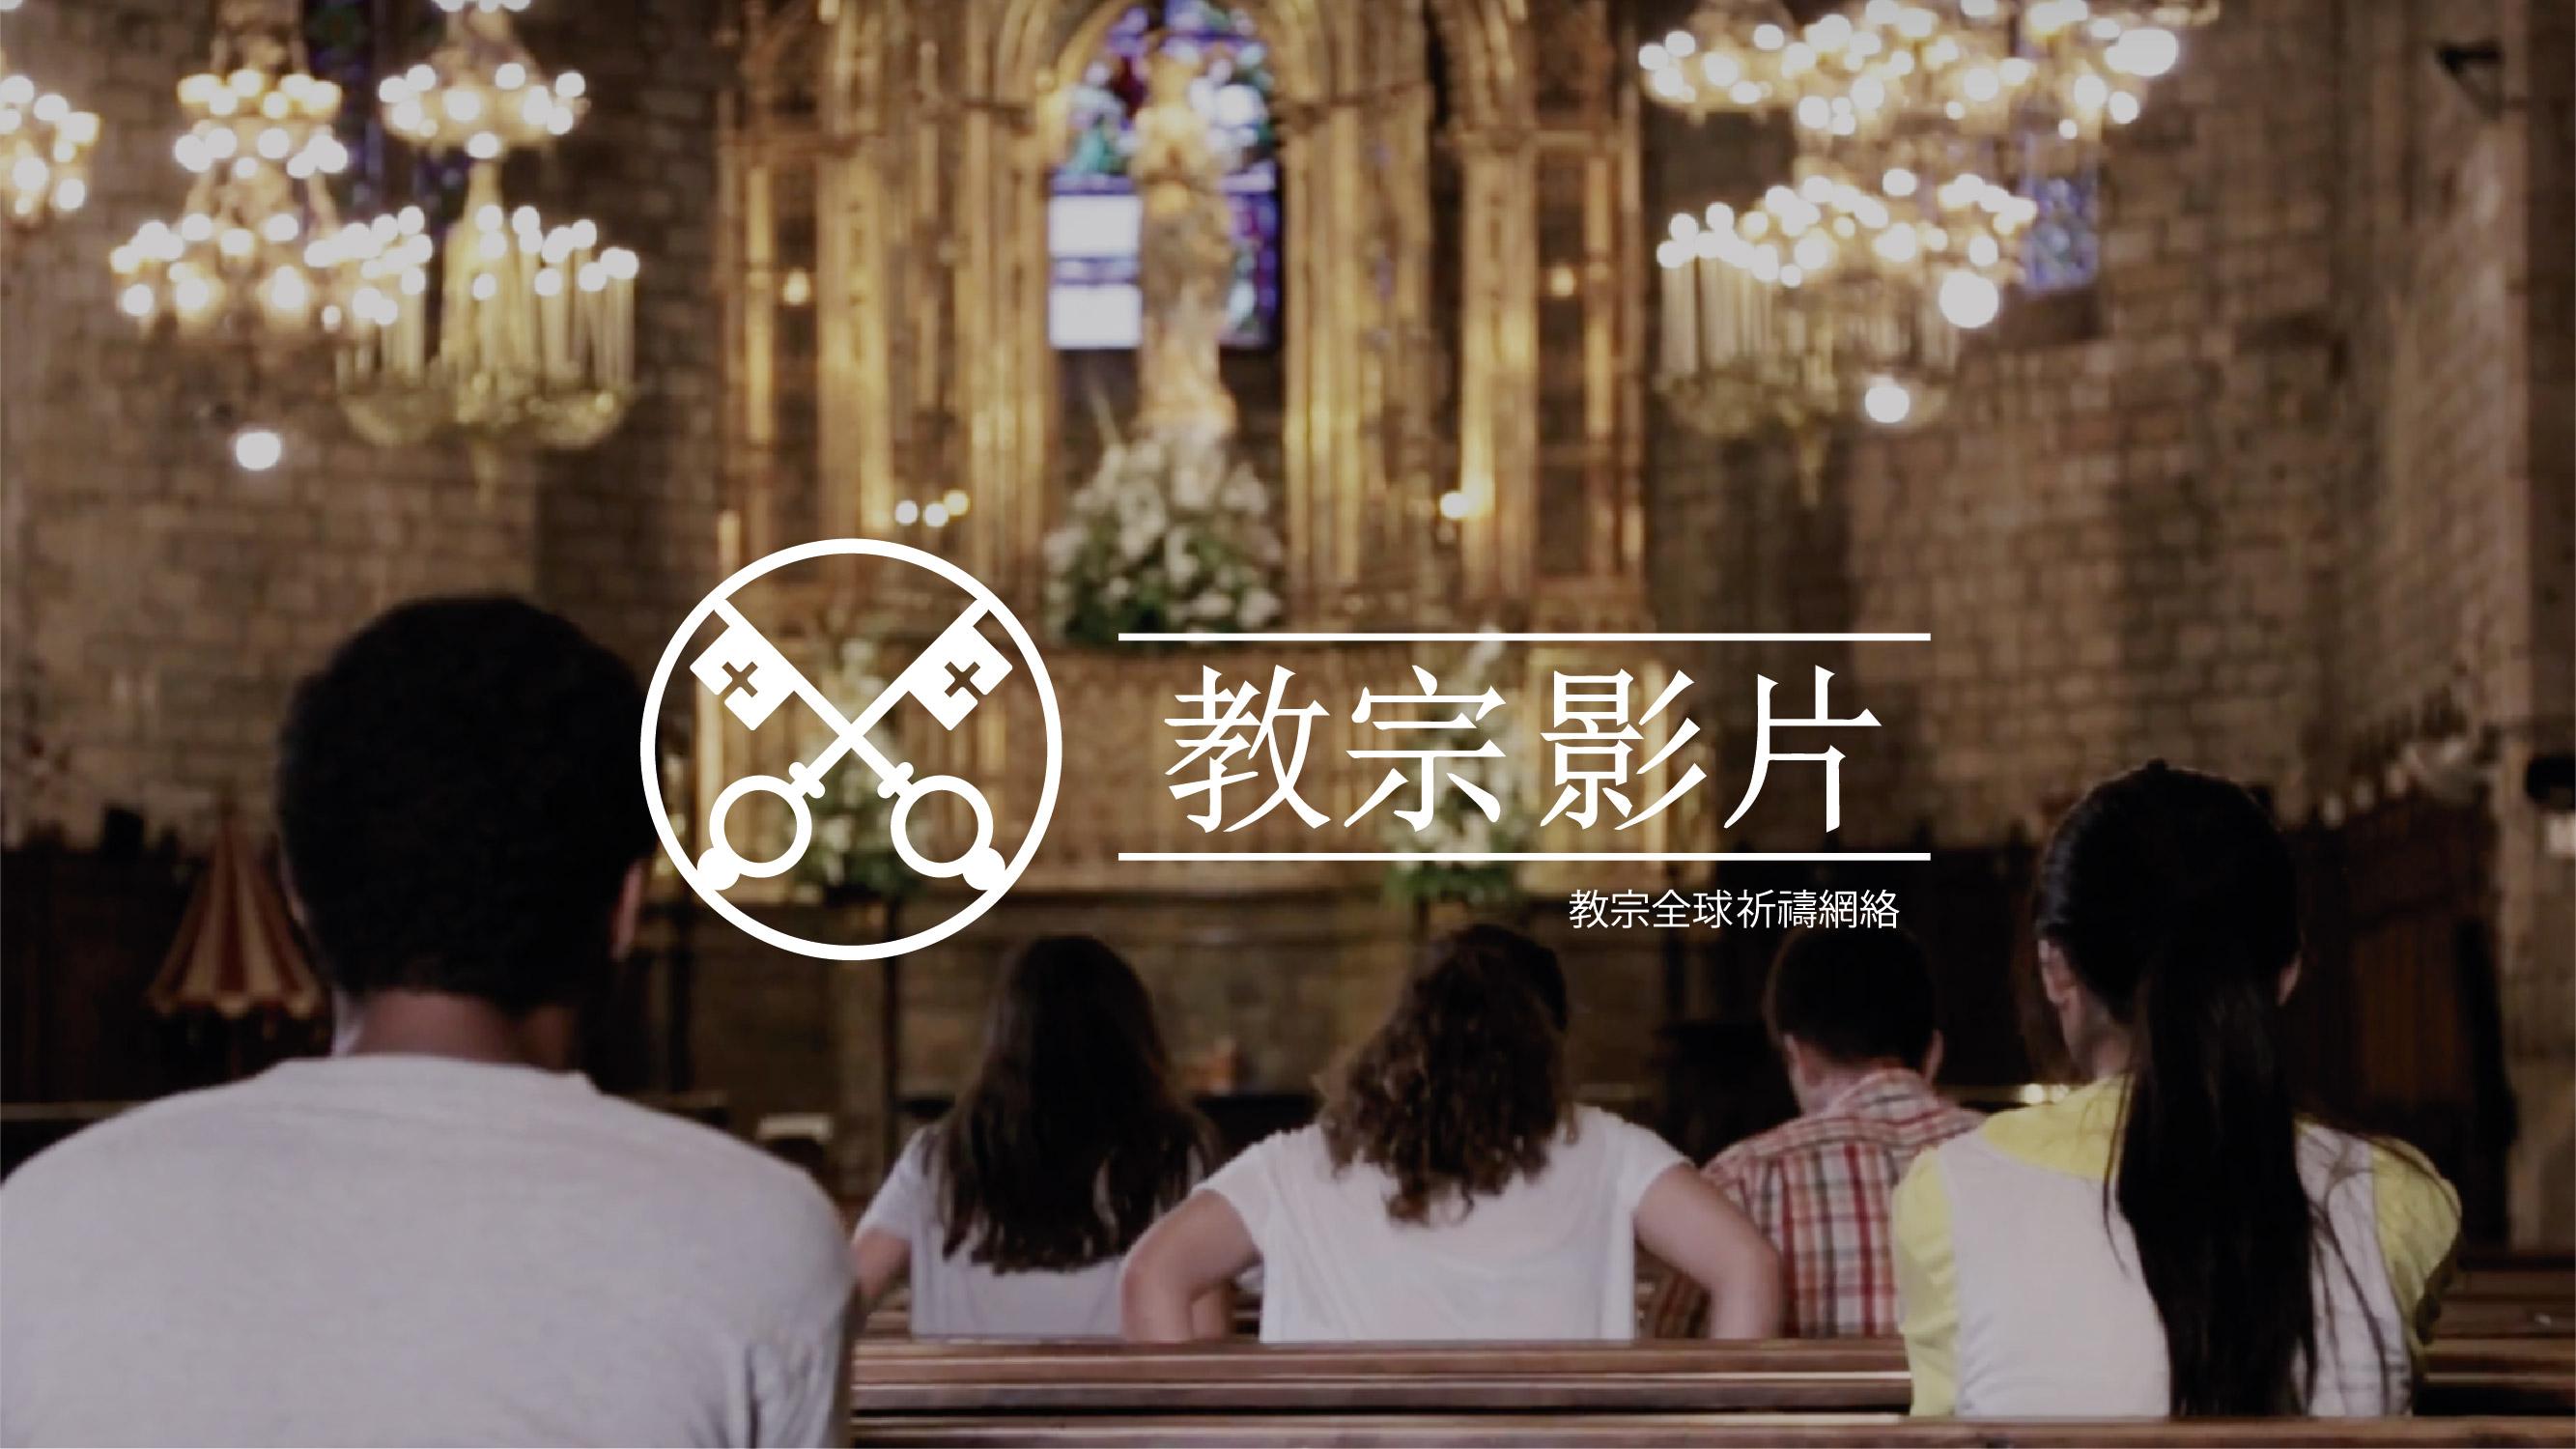 九月 : 願堂區傳播信仰